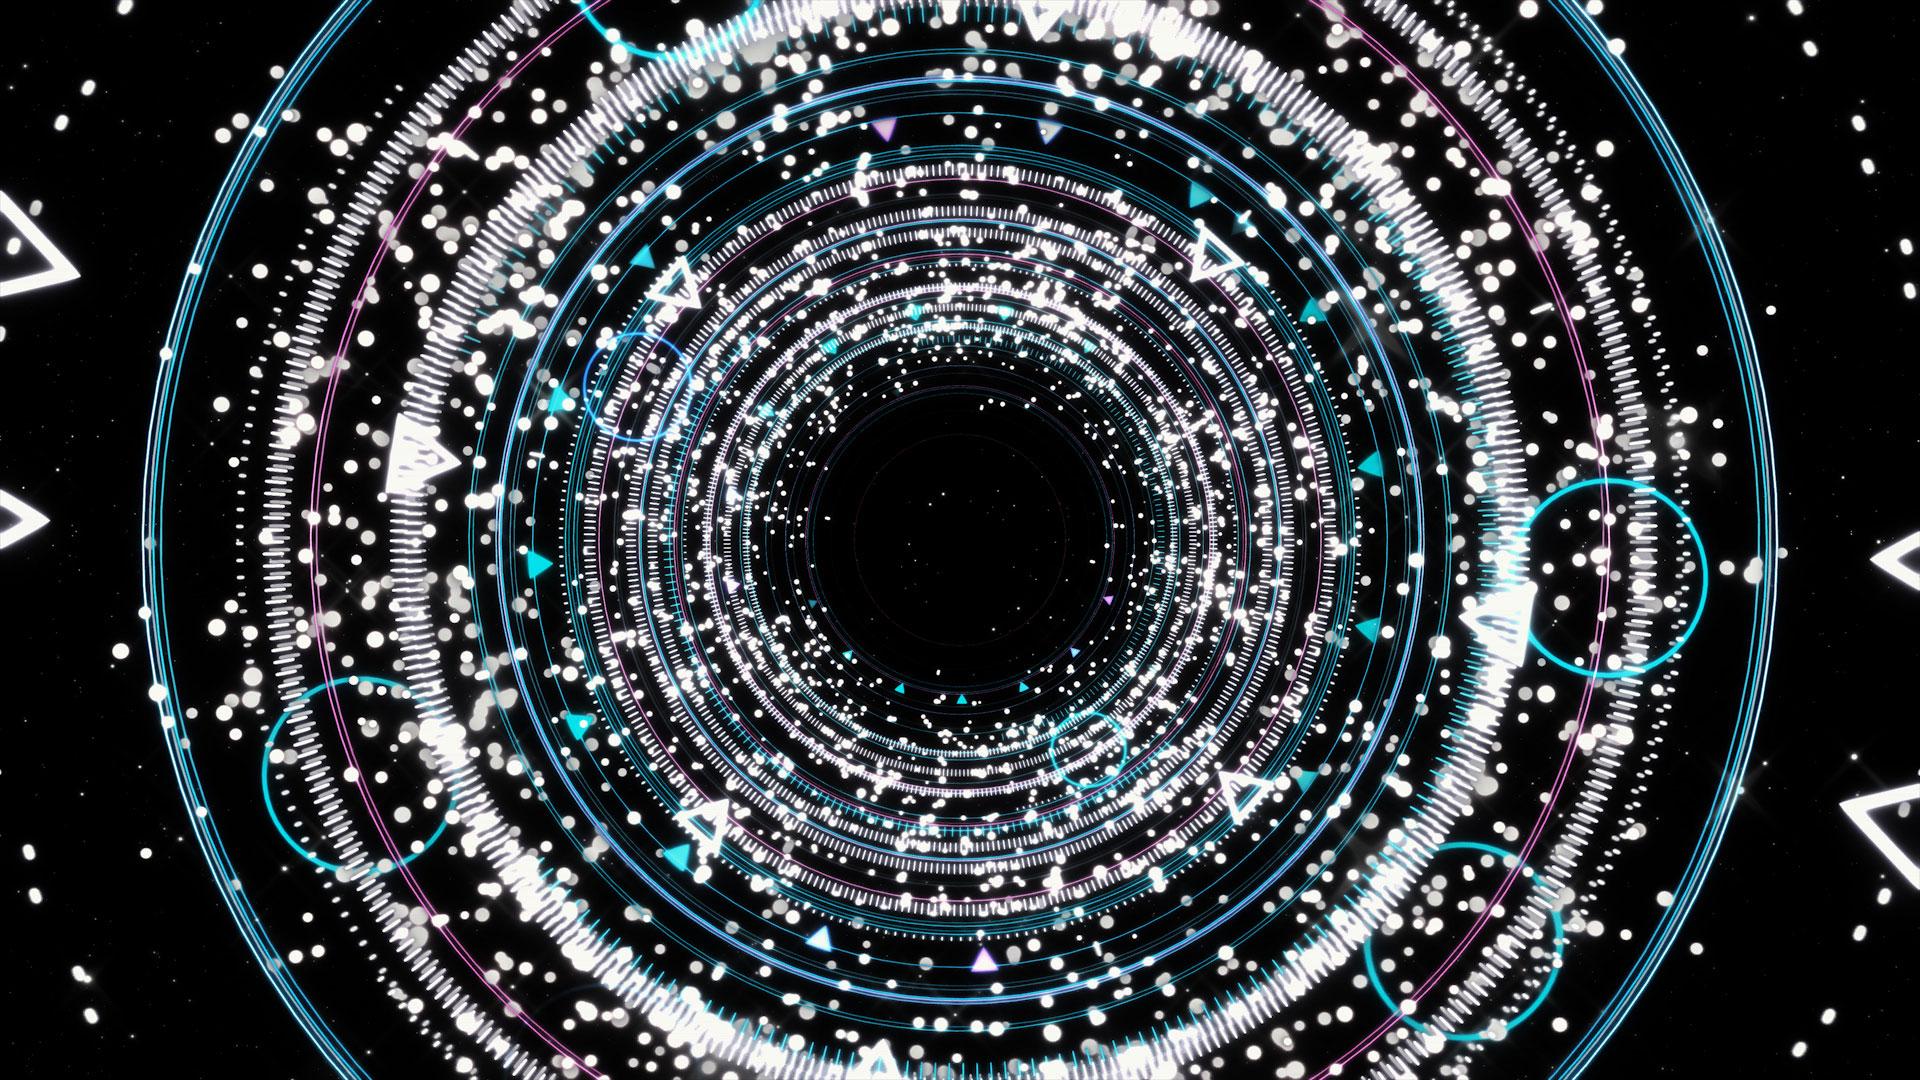 KZ_Cyberspace_10_Still003